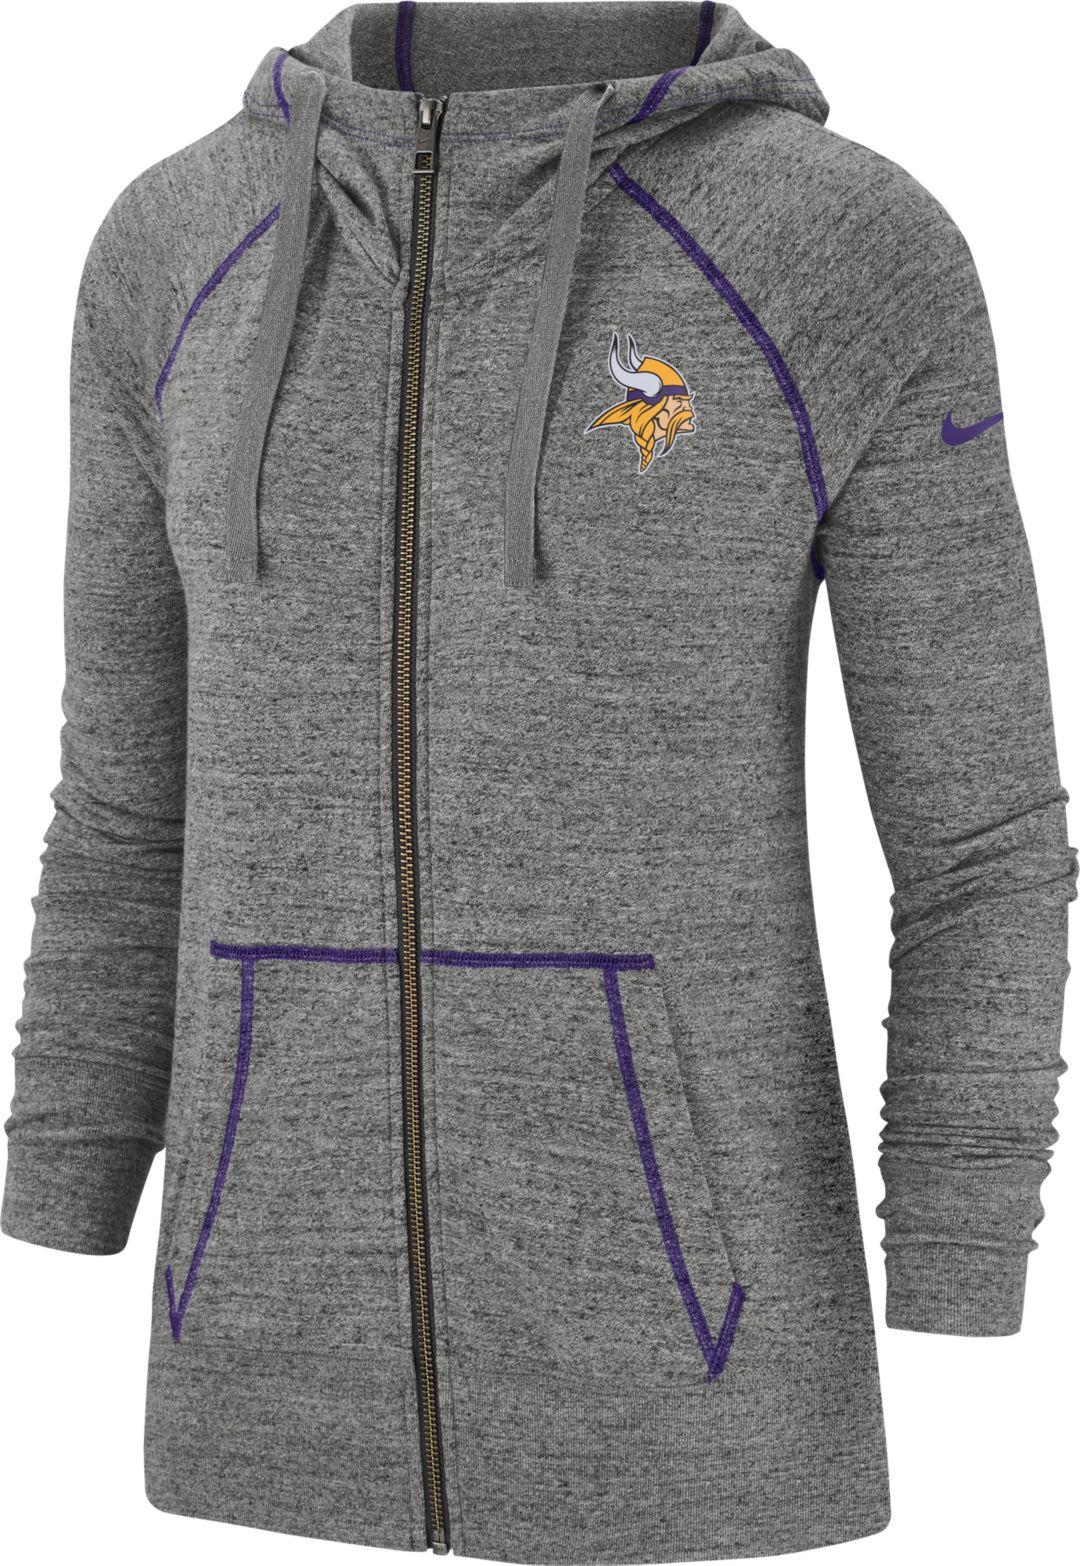 check out 1dc3d 62b03 Nike Women's Minnesota Vikings Vintage Grey Full-Zip Hoodie